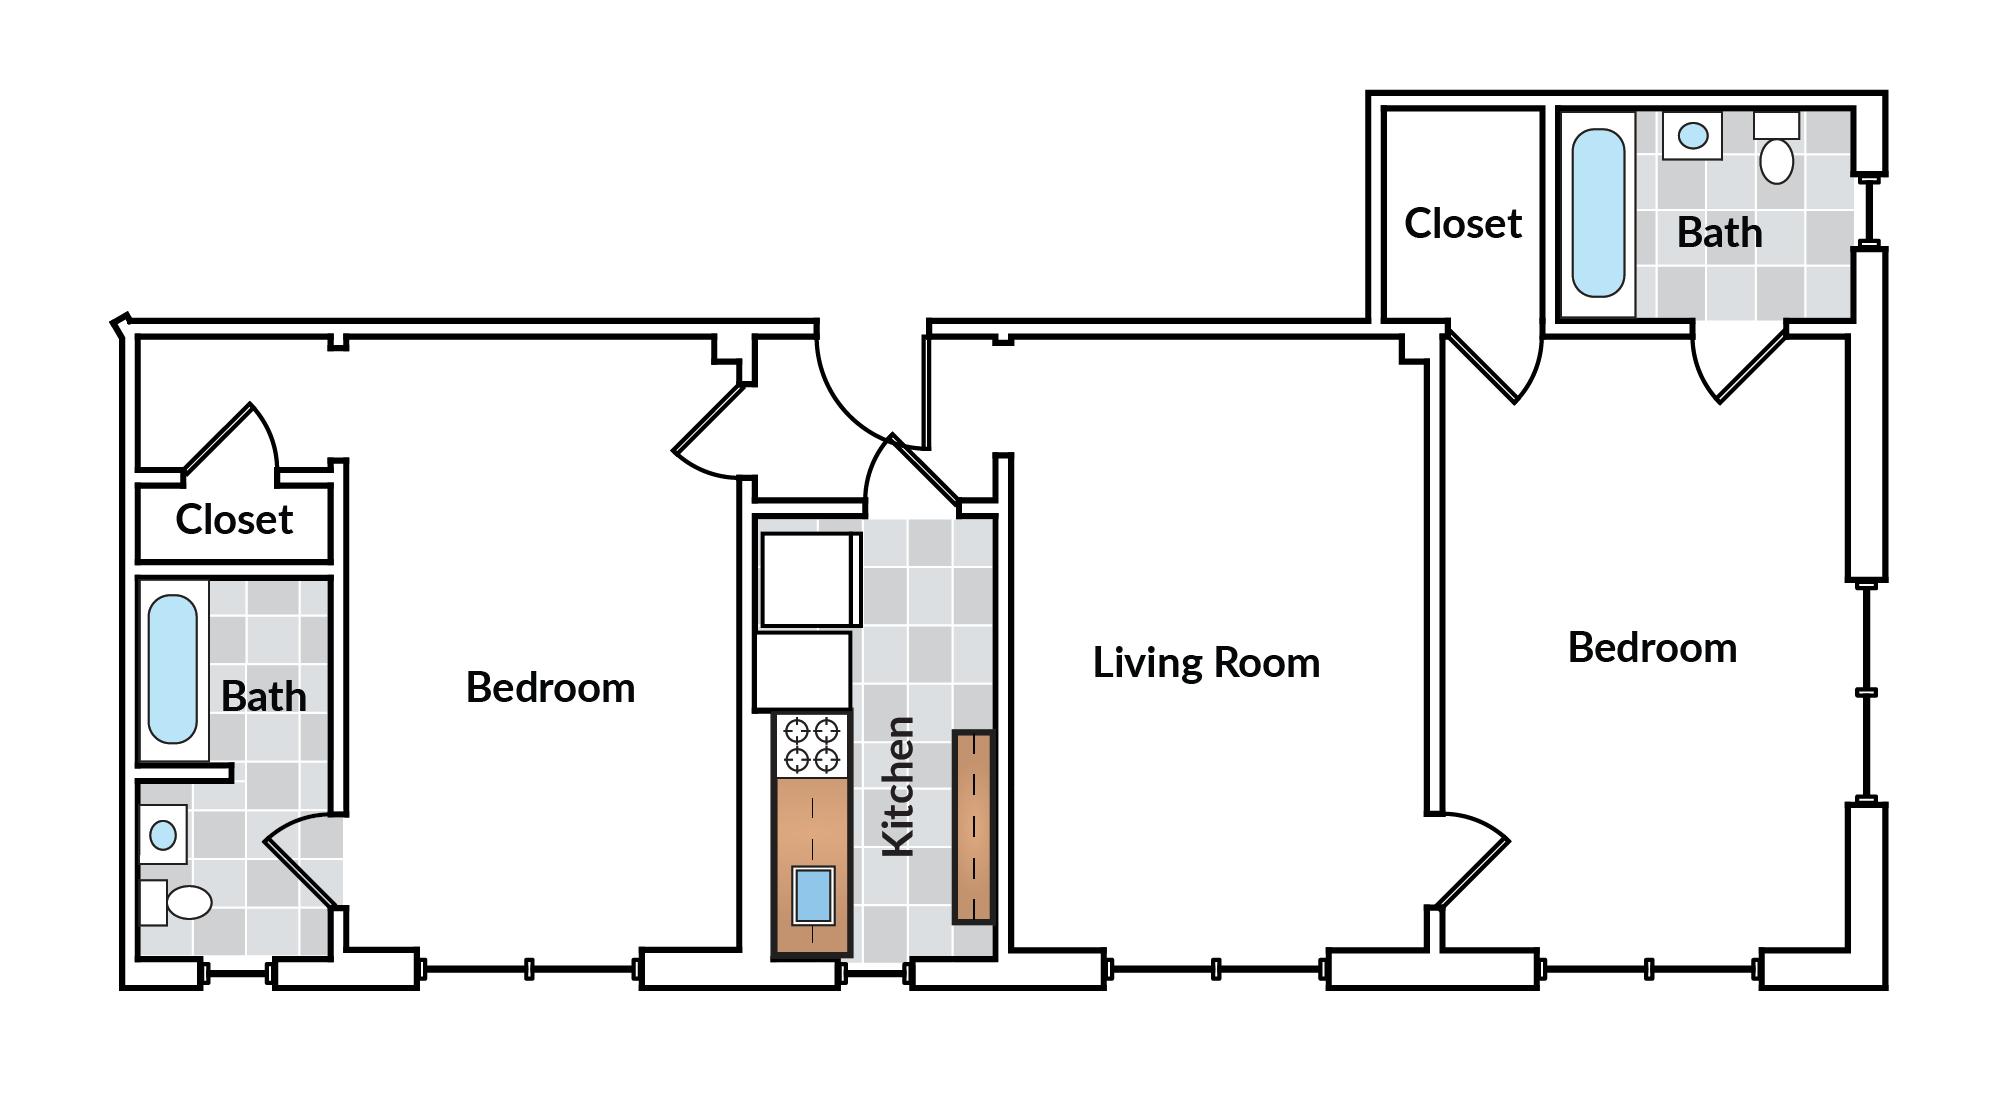 2 Bedroom 11 Tier